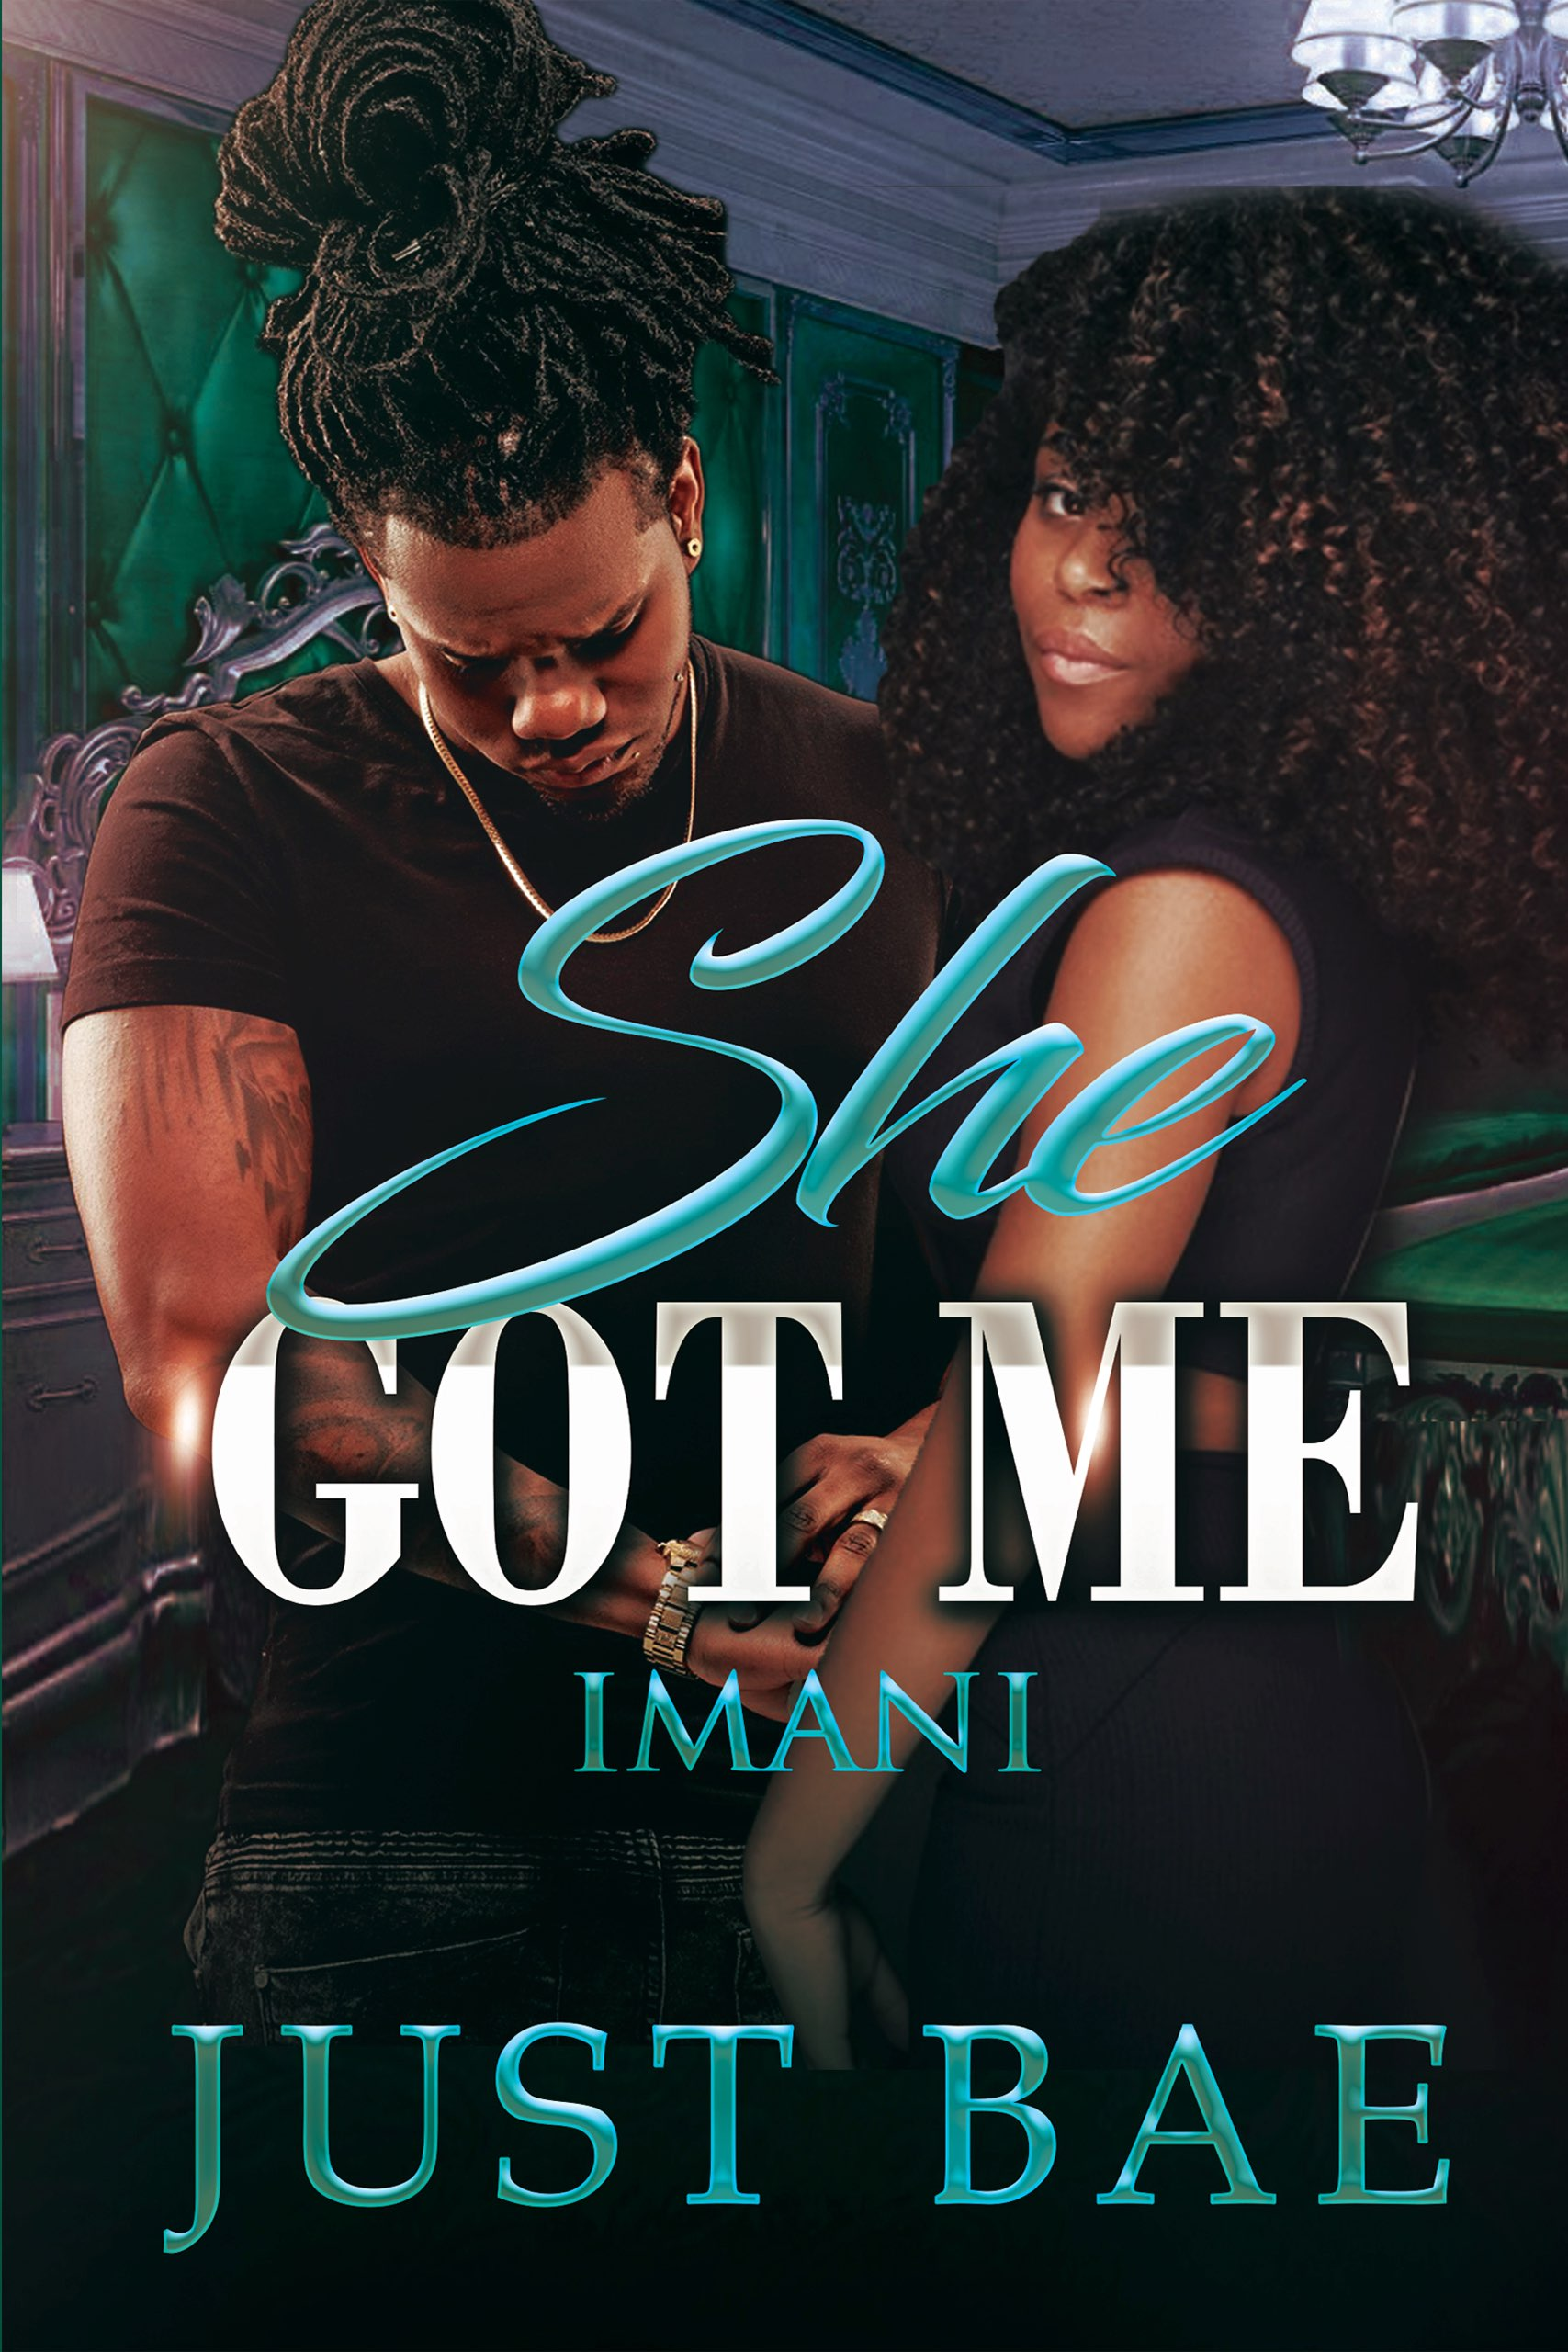 She Got Me: Imani, an Ebook by Just Bae